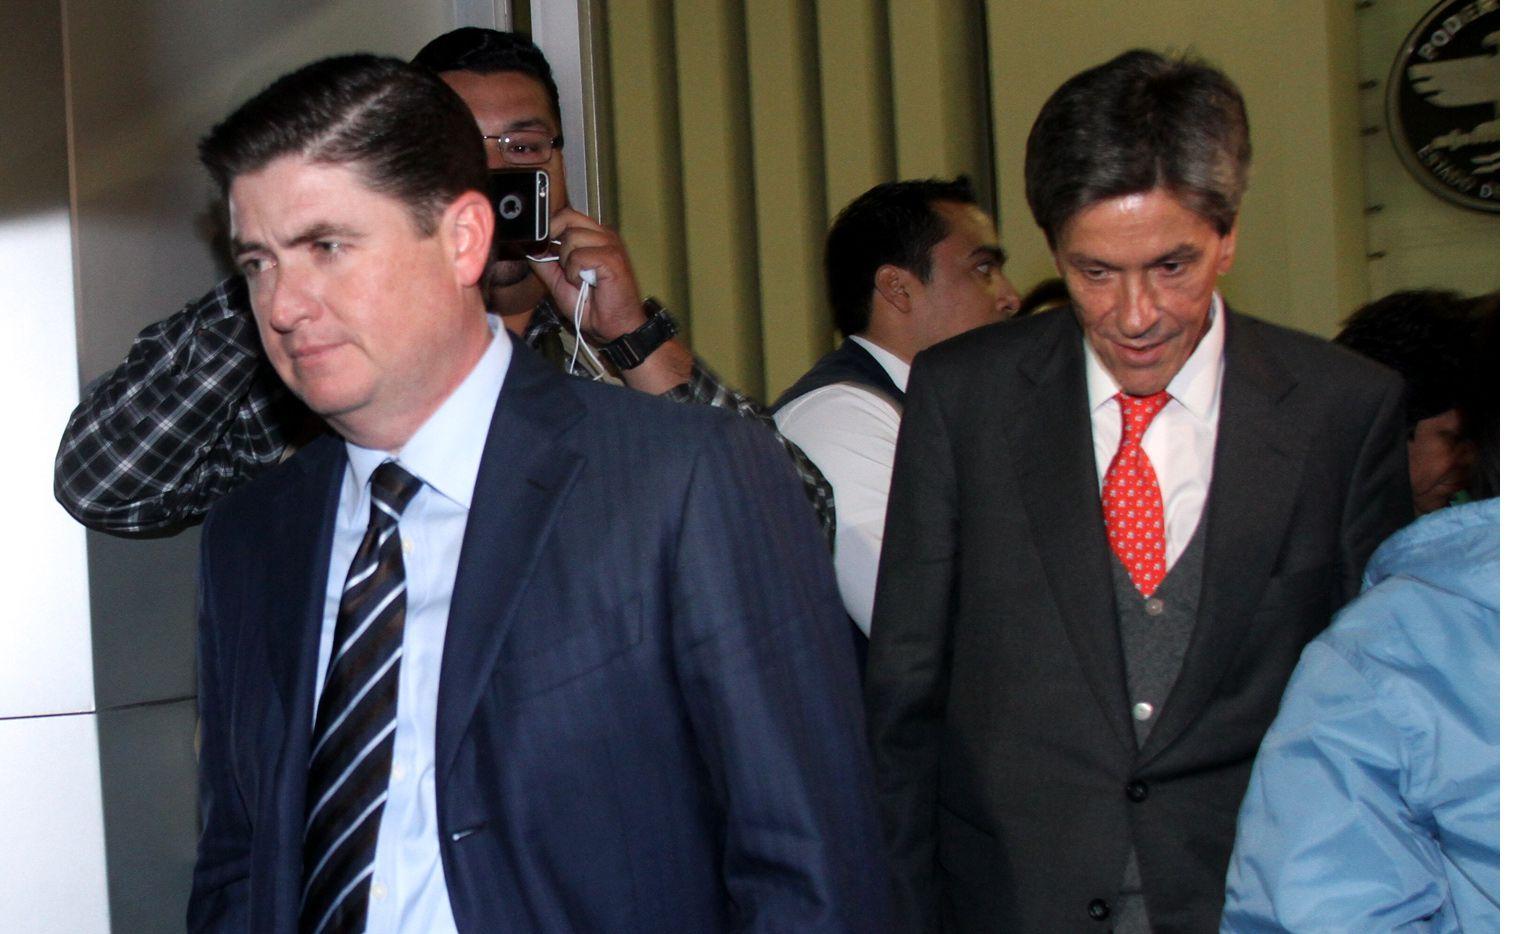 Rodrigo Medina es internado en el Topo Chico para evitar una evasión de la justicia, tras ser vinculado por peculado y daños al patrimonio./ AGENCIA REFORMA